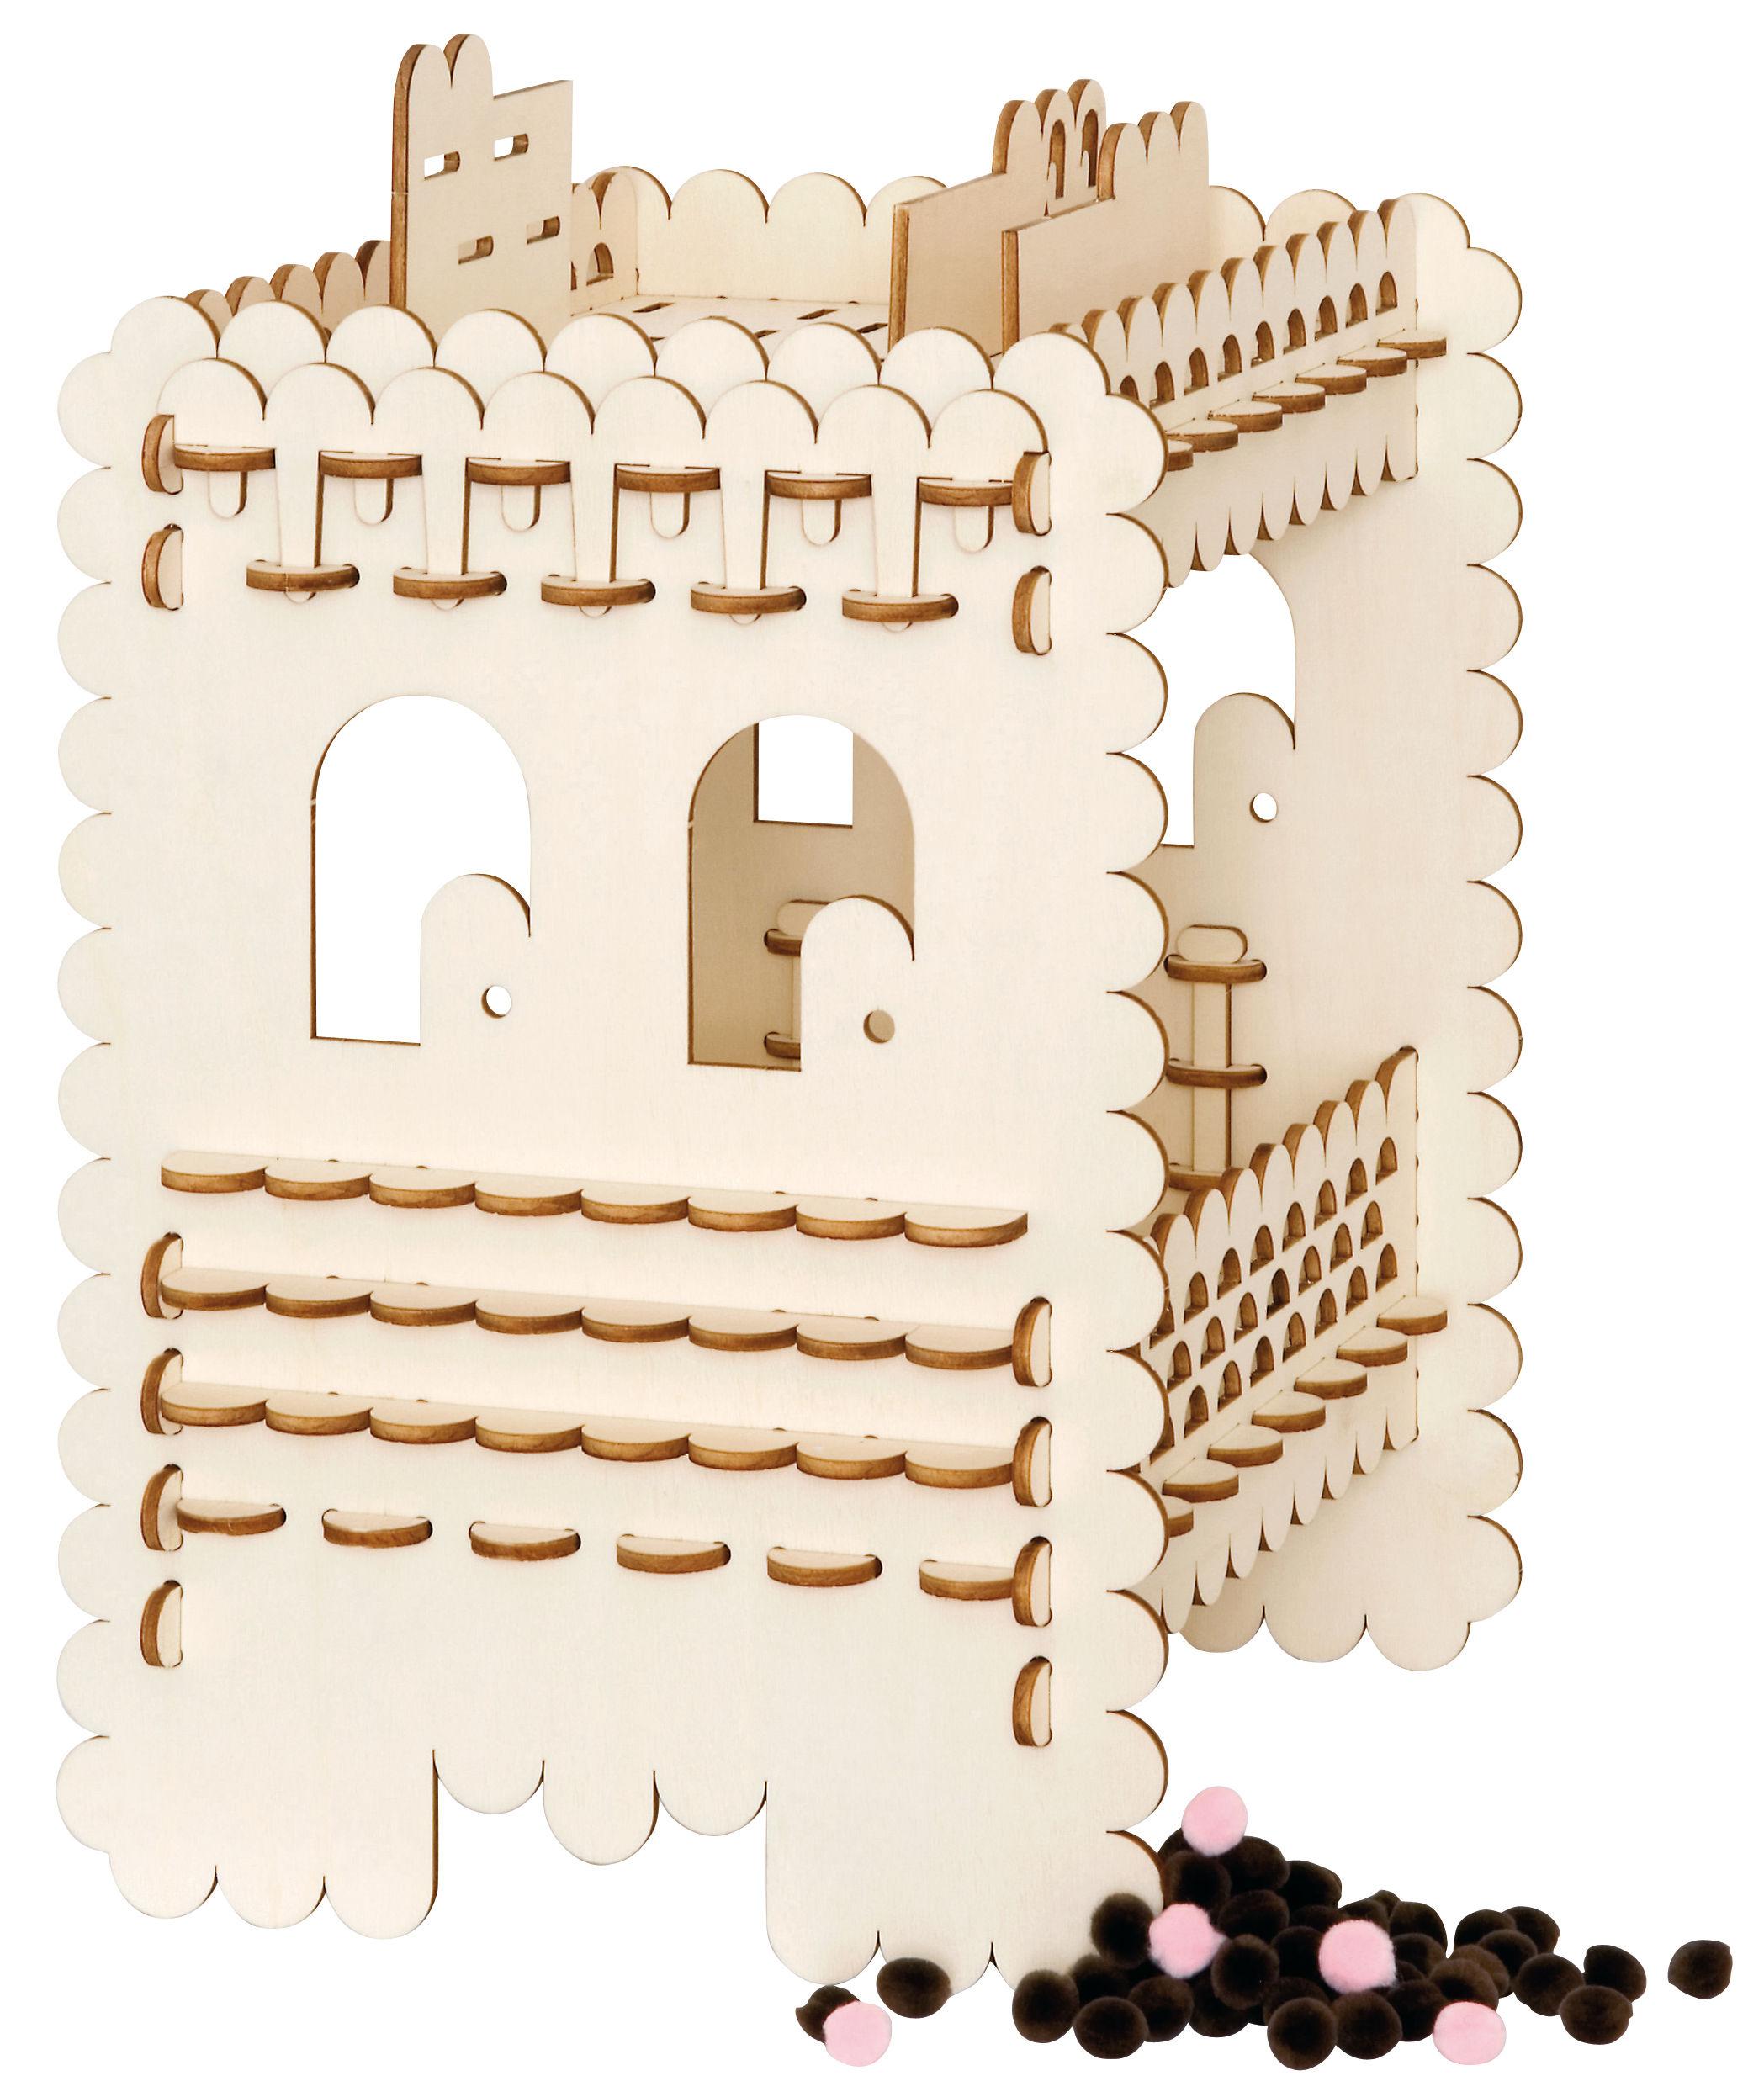 Möbel - Couchtische - Edgog Beistelltisch Bausatz - Domestic - Kolz - Vielschicht-Sperrholz in Birke